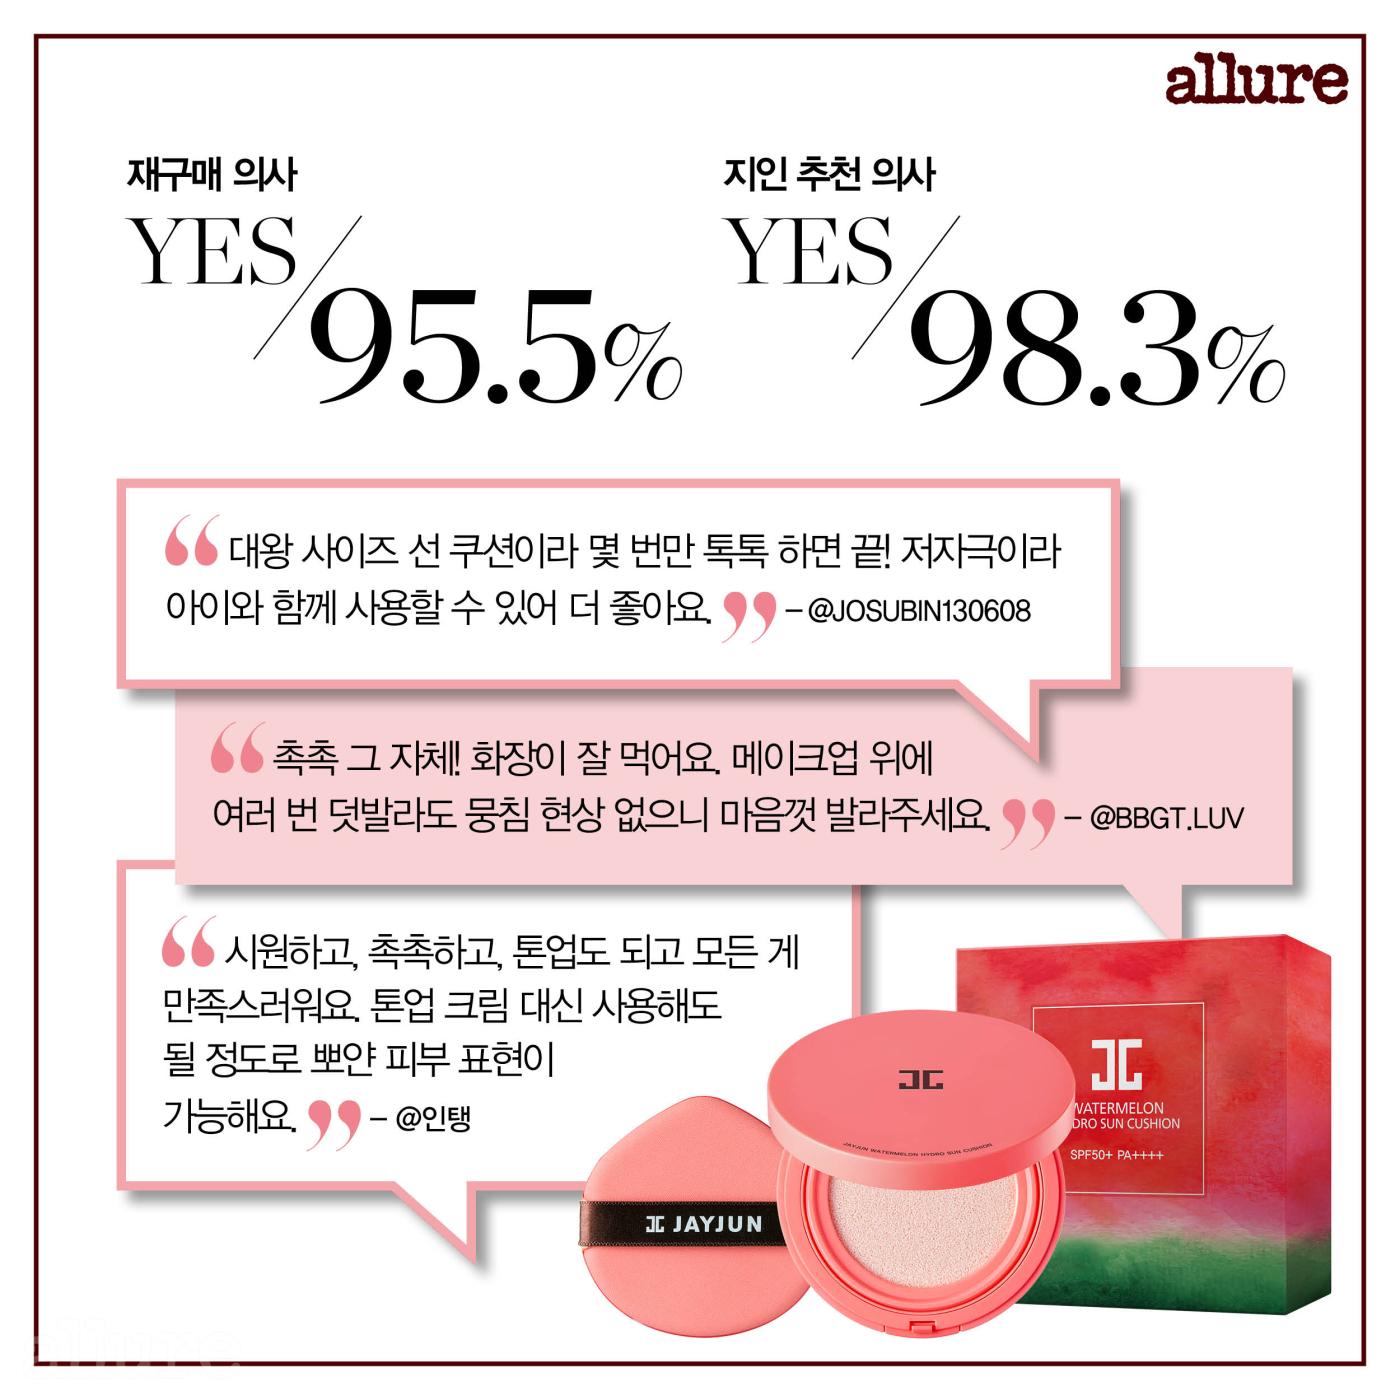 CARD 품평단 제이준 최종5